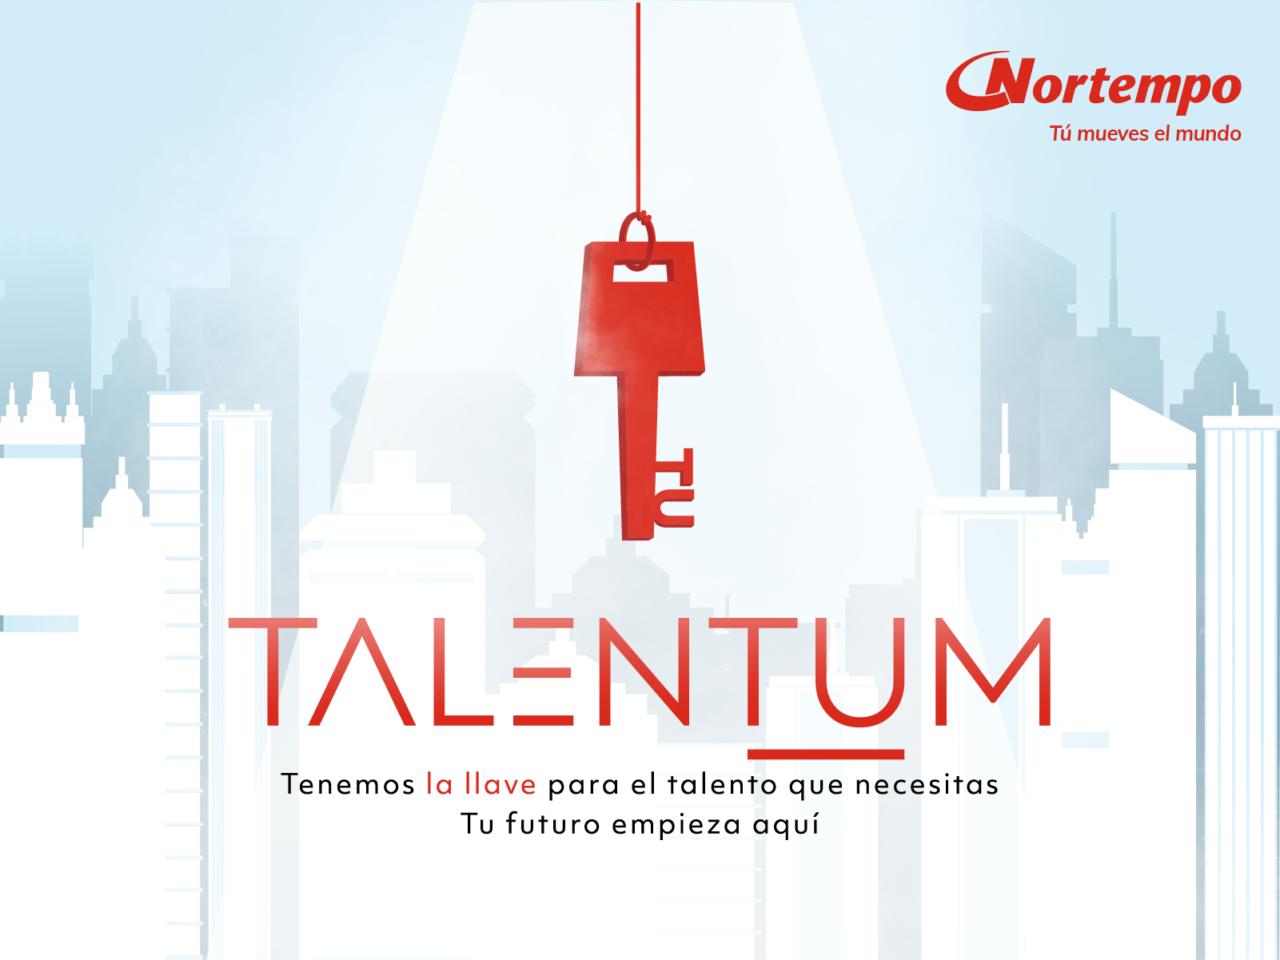 TALENTUM-1280x960.png